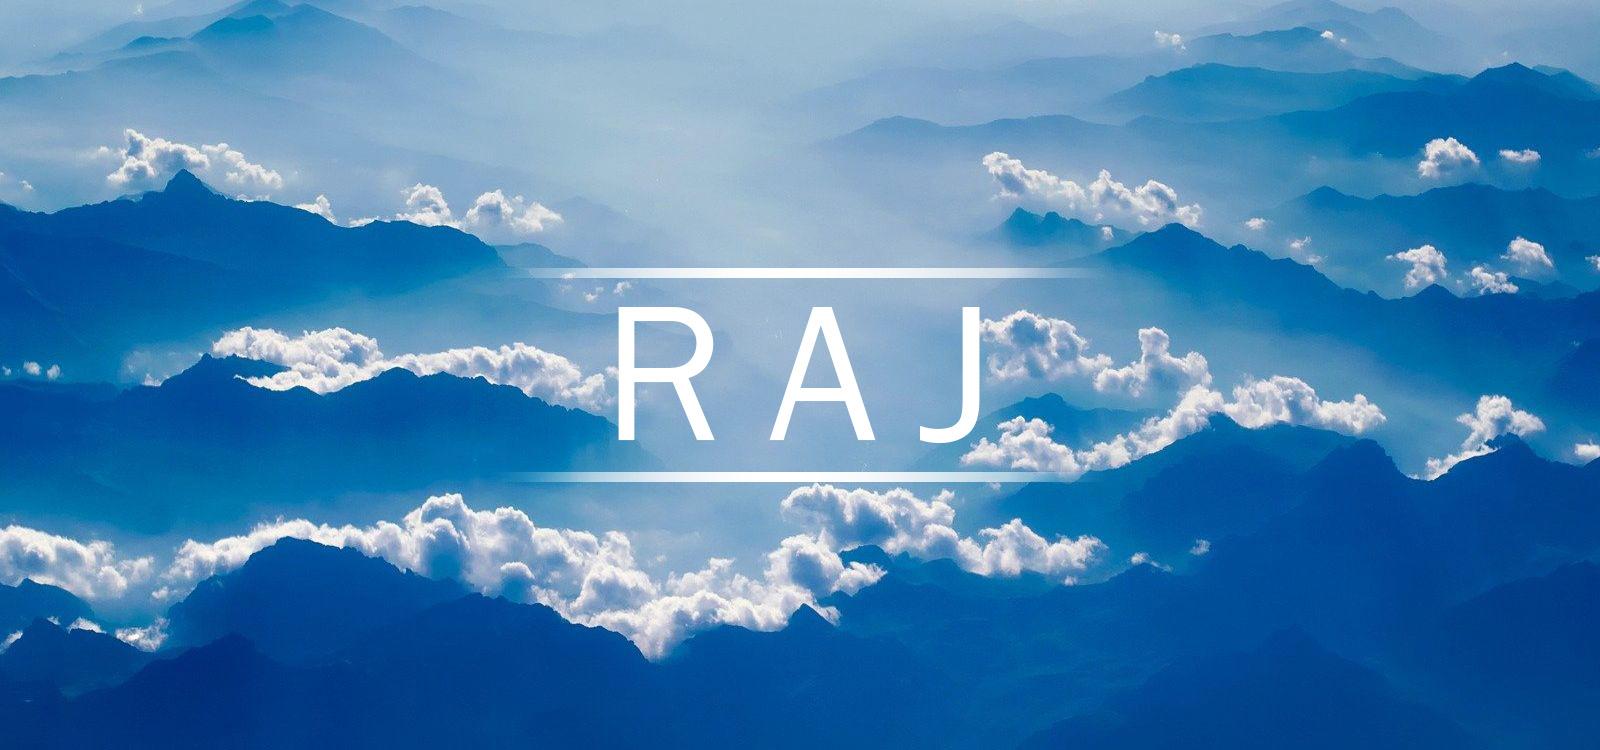 Nebo - Koliko je raj daleko od ovog svijeta?